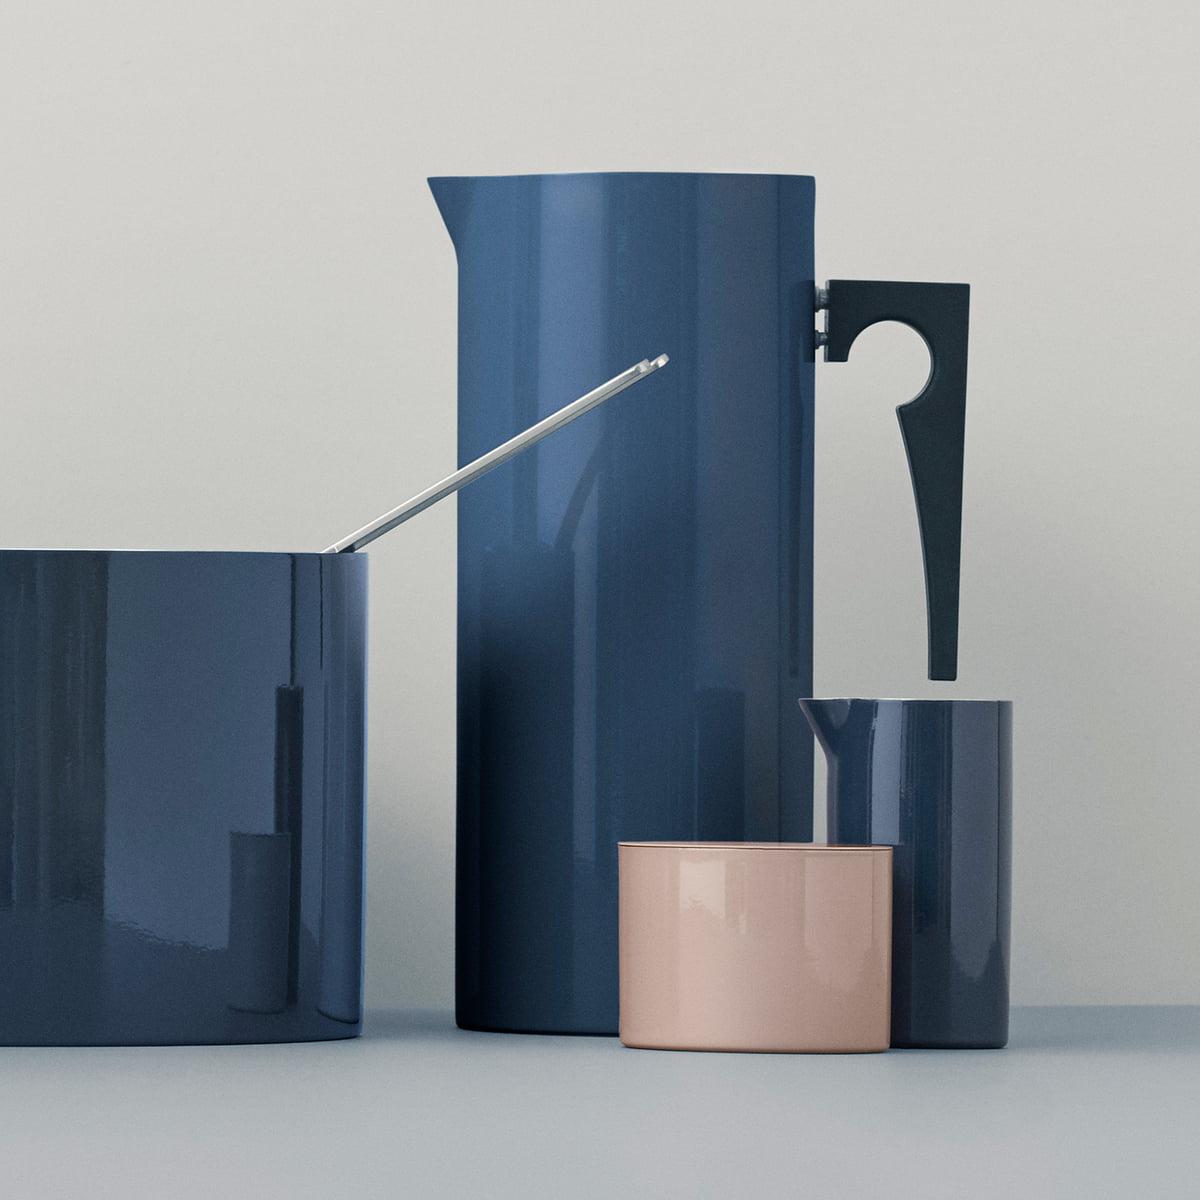 stelton cylinda line creamer by arne jacobsen. Black Bedroom Furniture Sets. Home Design Ideas